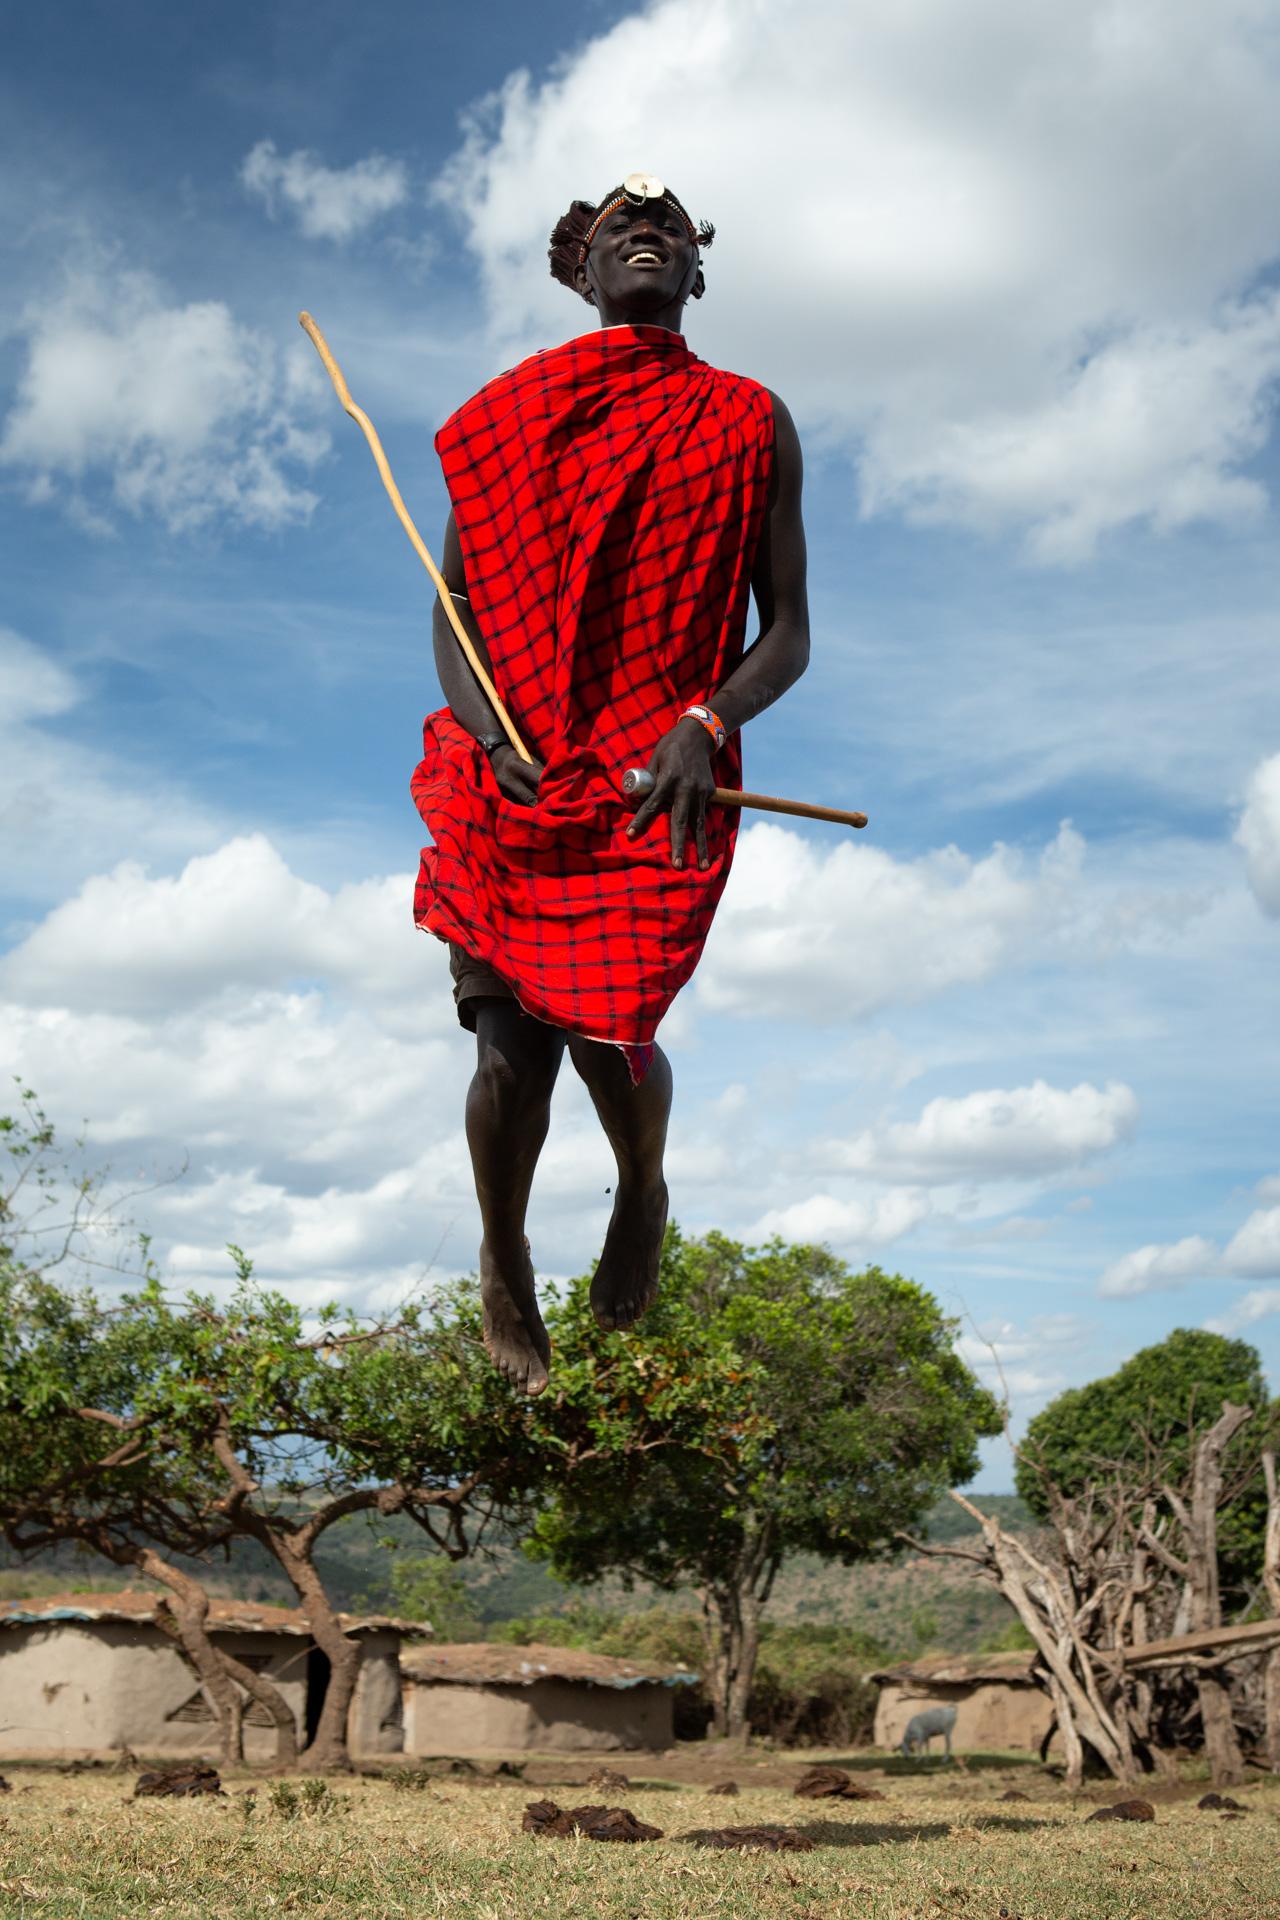 Maasai Jumping